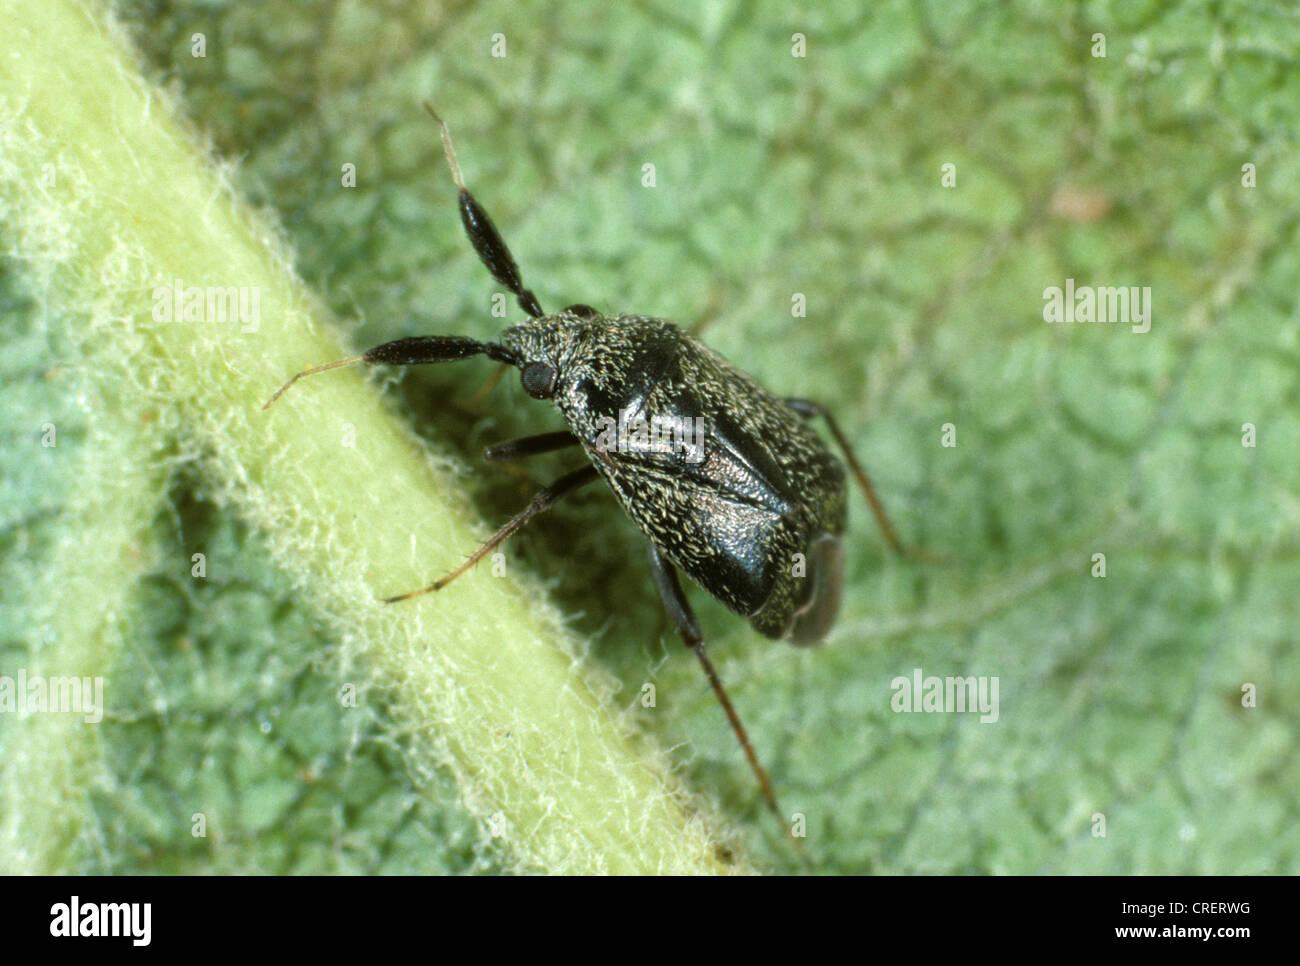 Black apple capsid (Atractotomus mali) pest predator on apple leaf - Stock Image